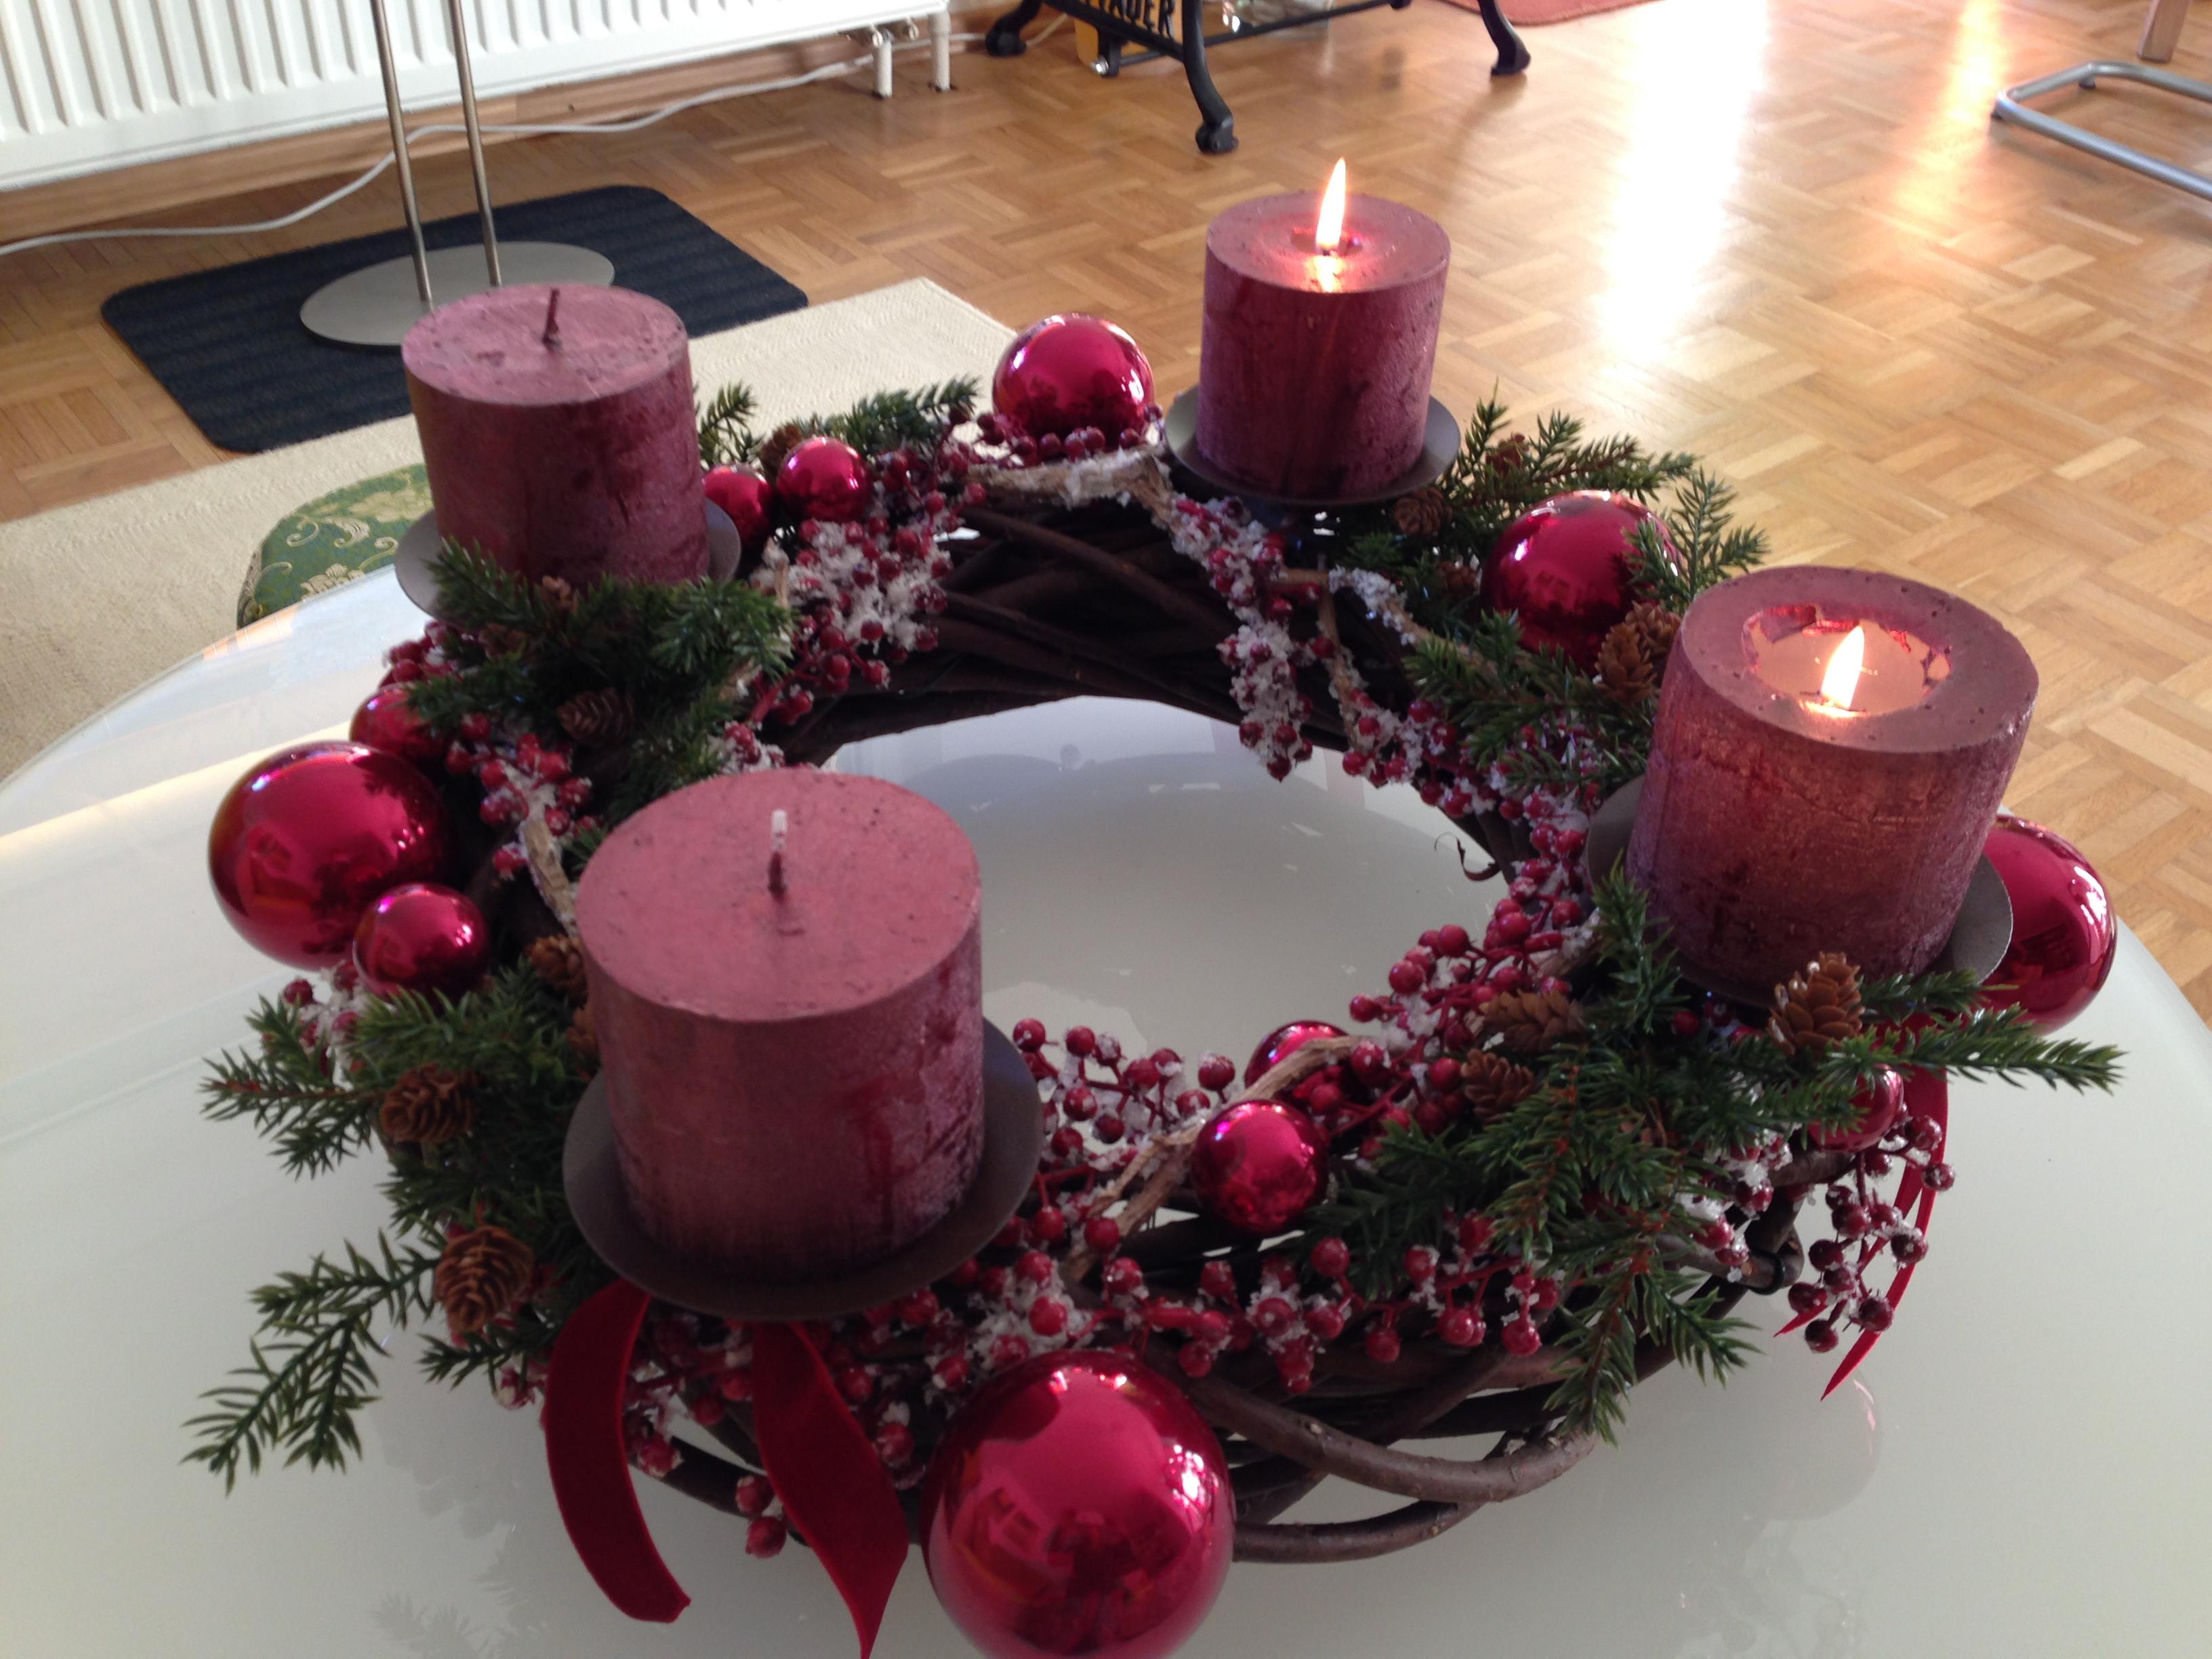 Weihnachten naht: 3 Tipps für weniger Stress im Advent